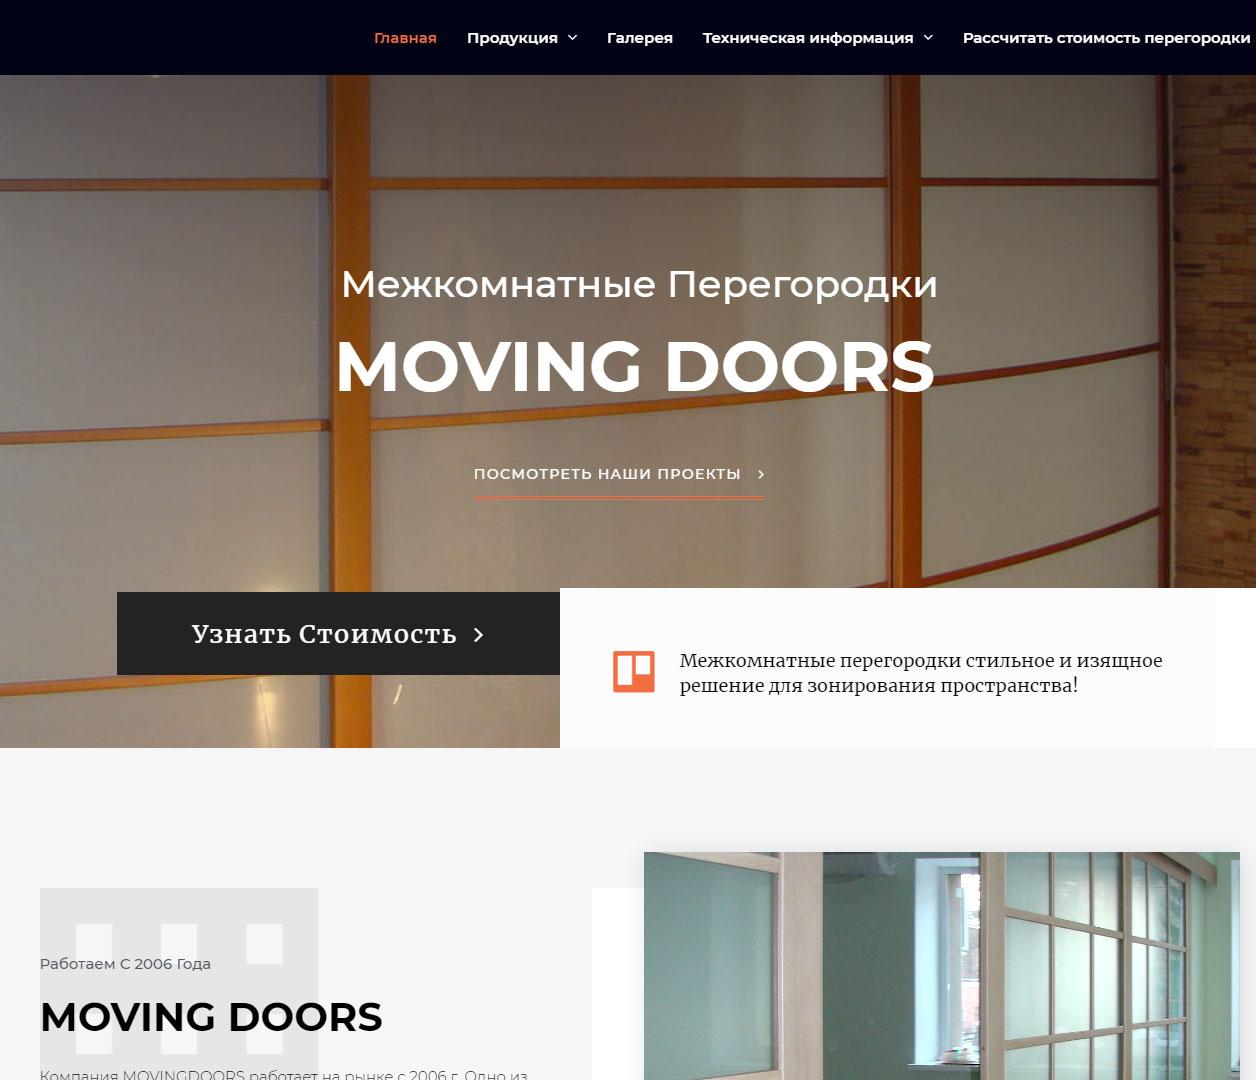 Межкомнатные перегородки Moving Doors